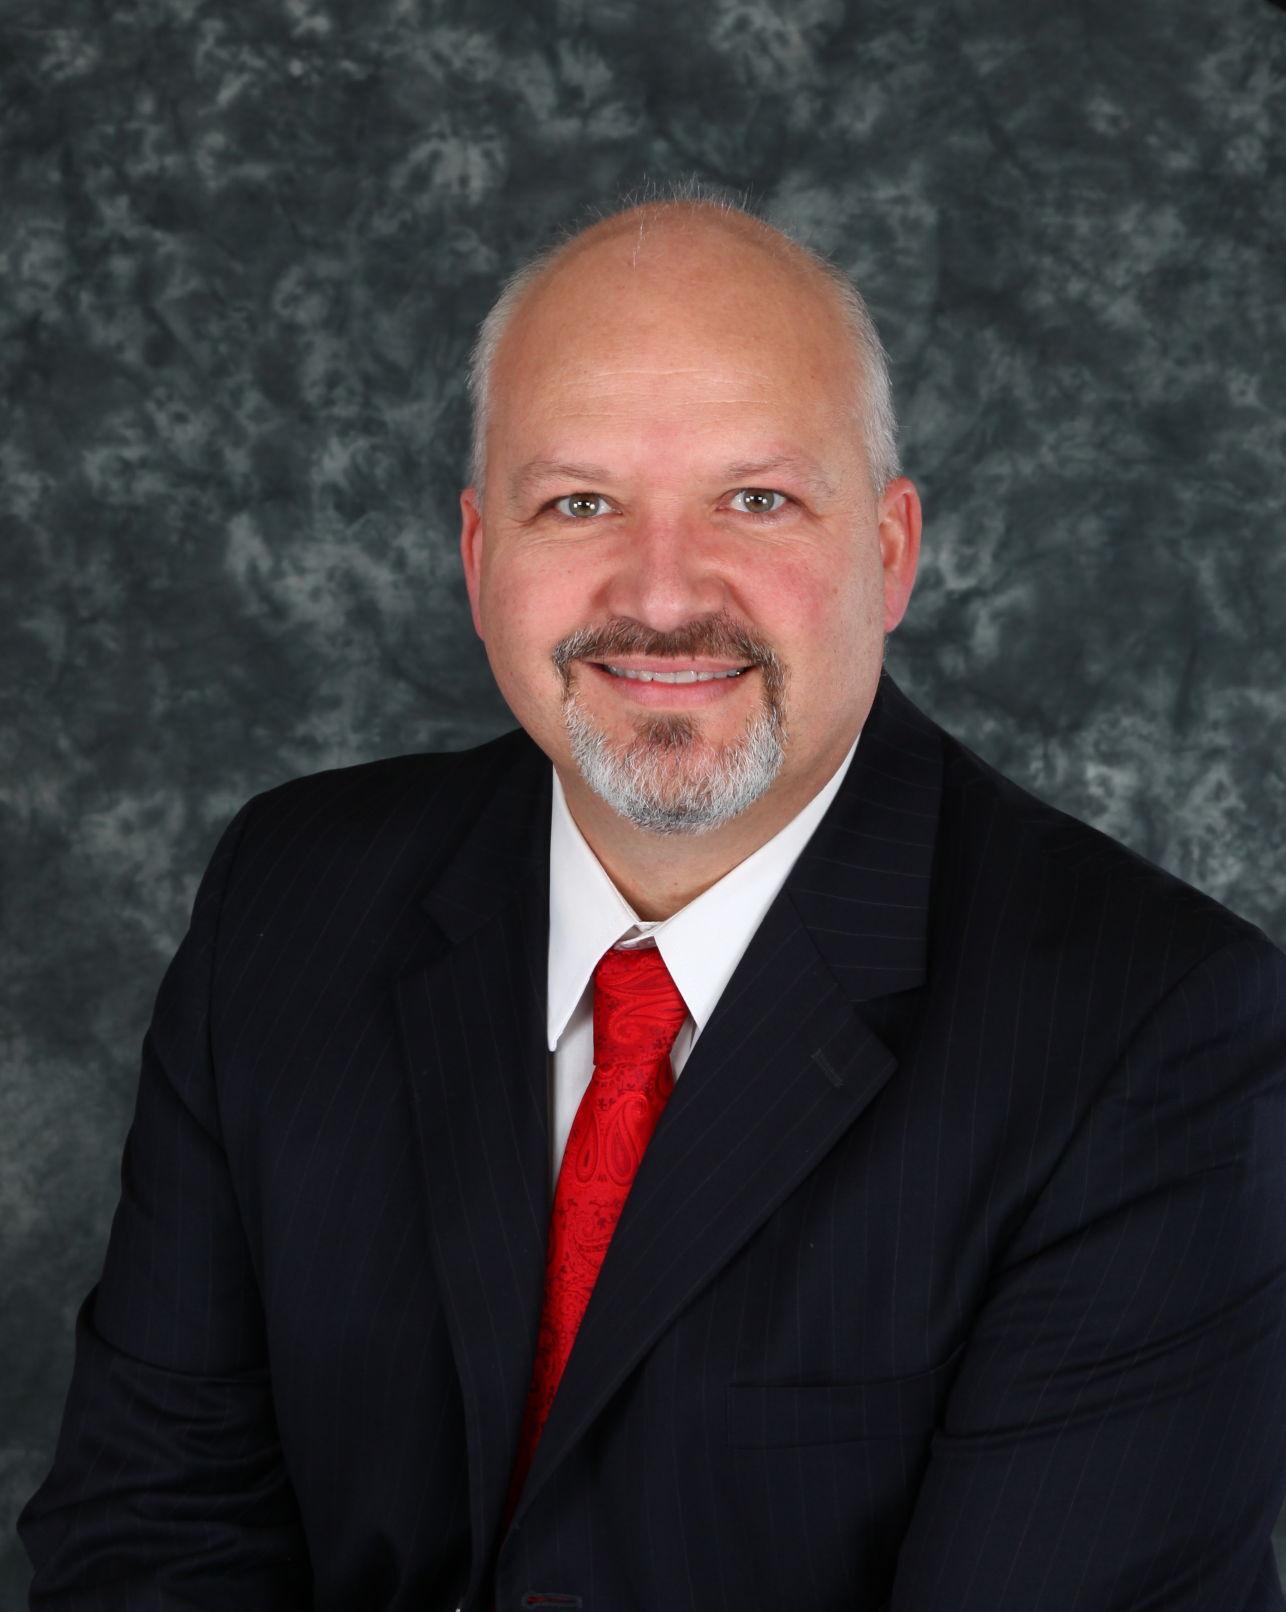 Dr. Jeff Cox